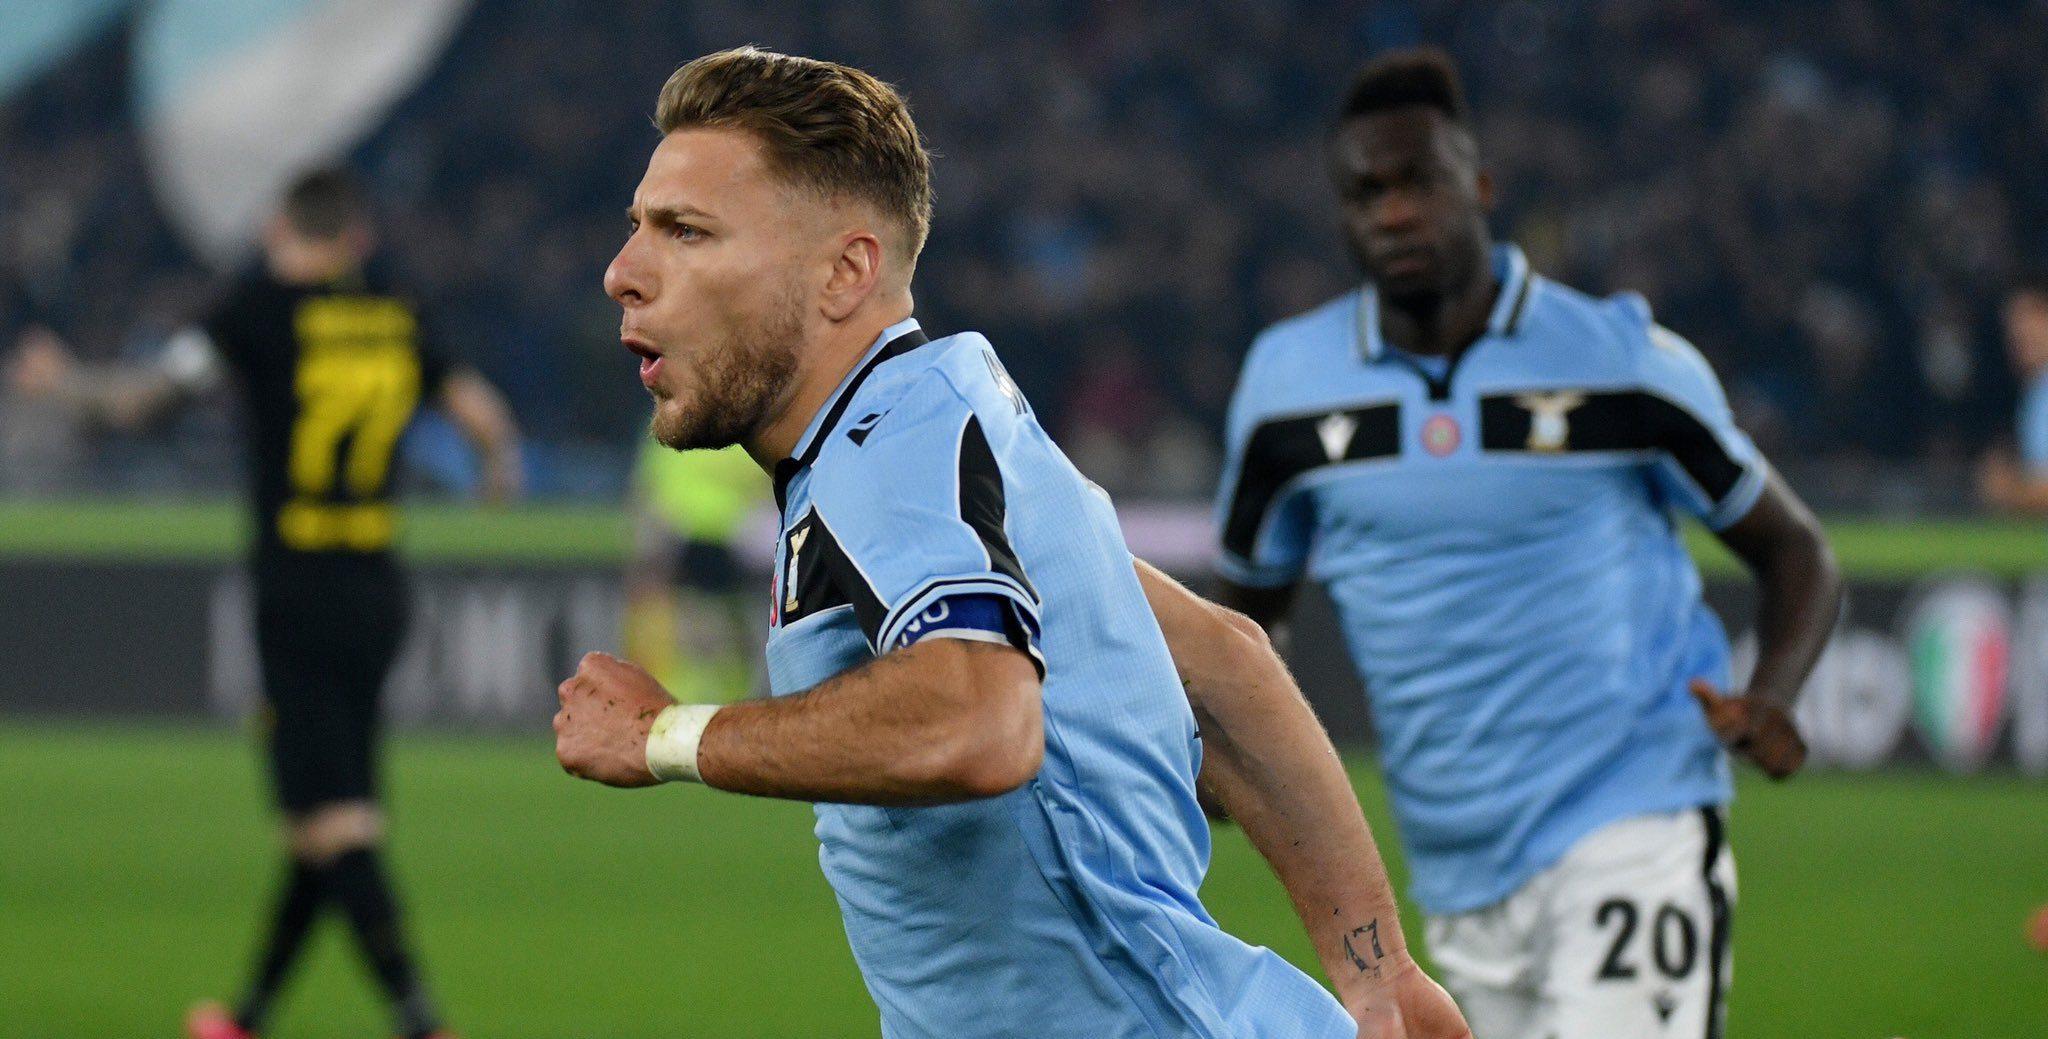 Serie A: Lazio venció a Inter y se mete en la pelea por el título - El Intransigente